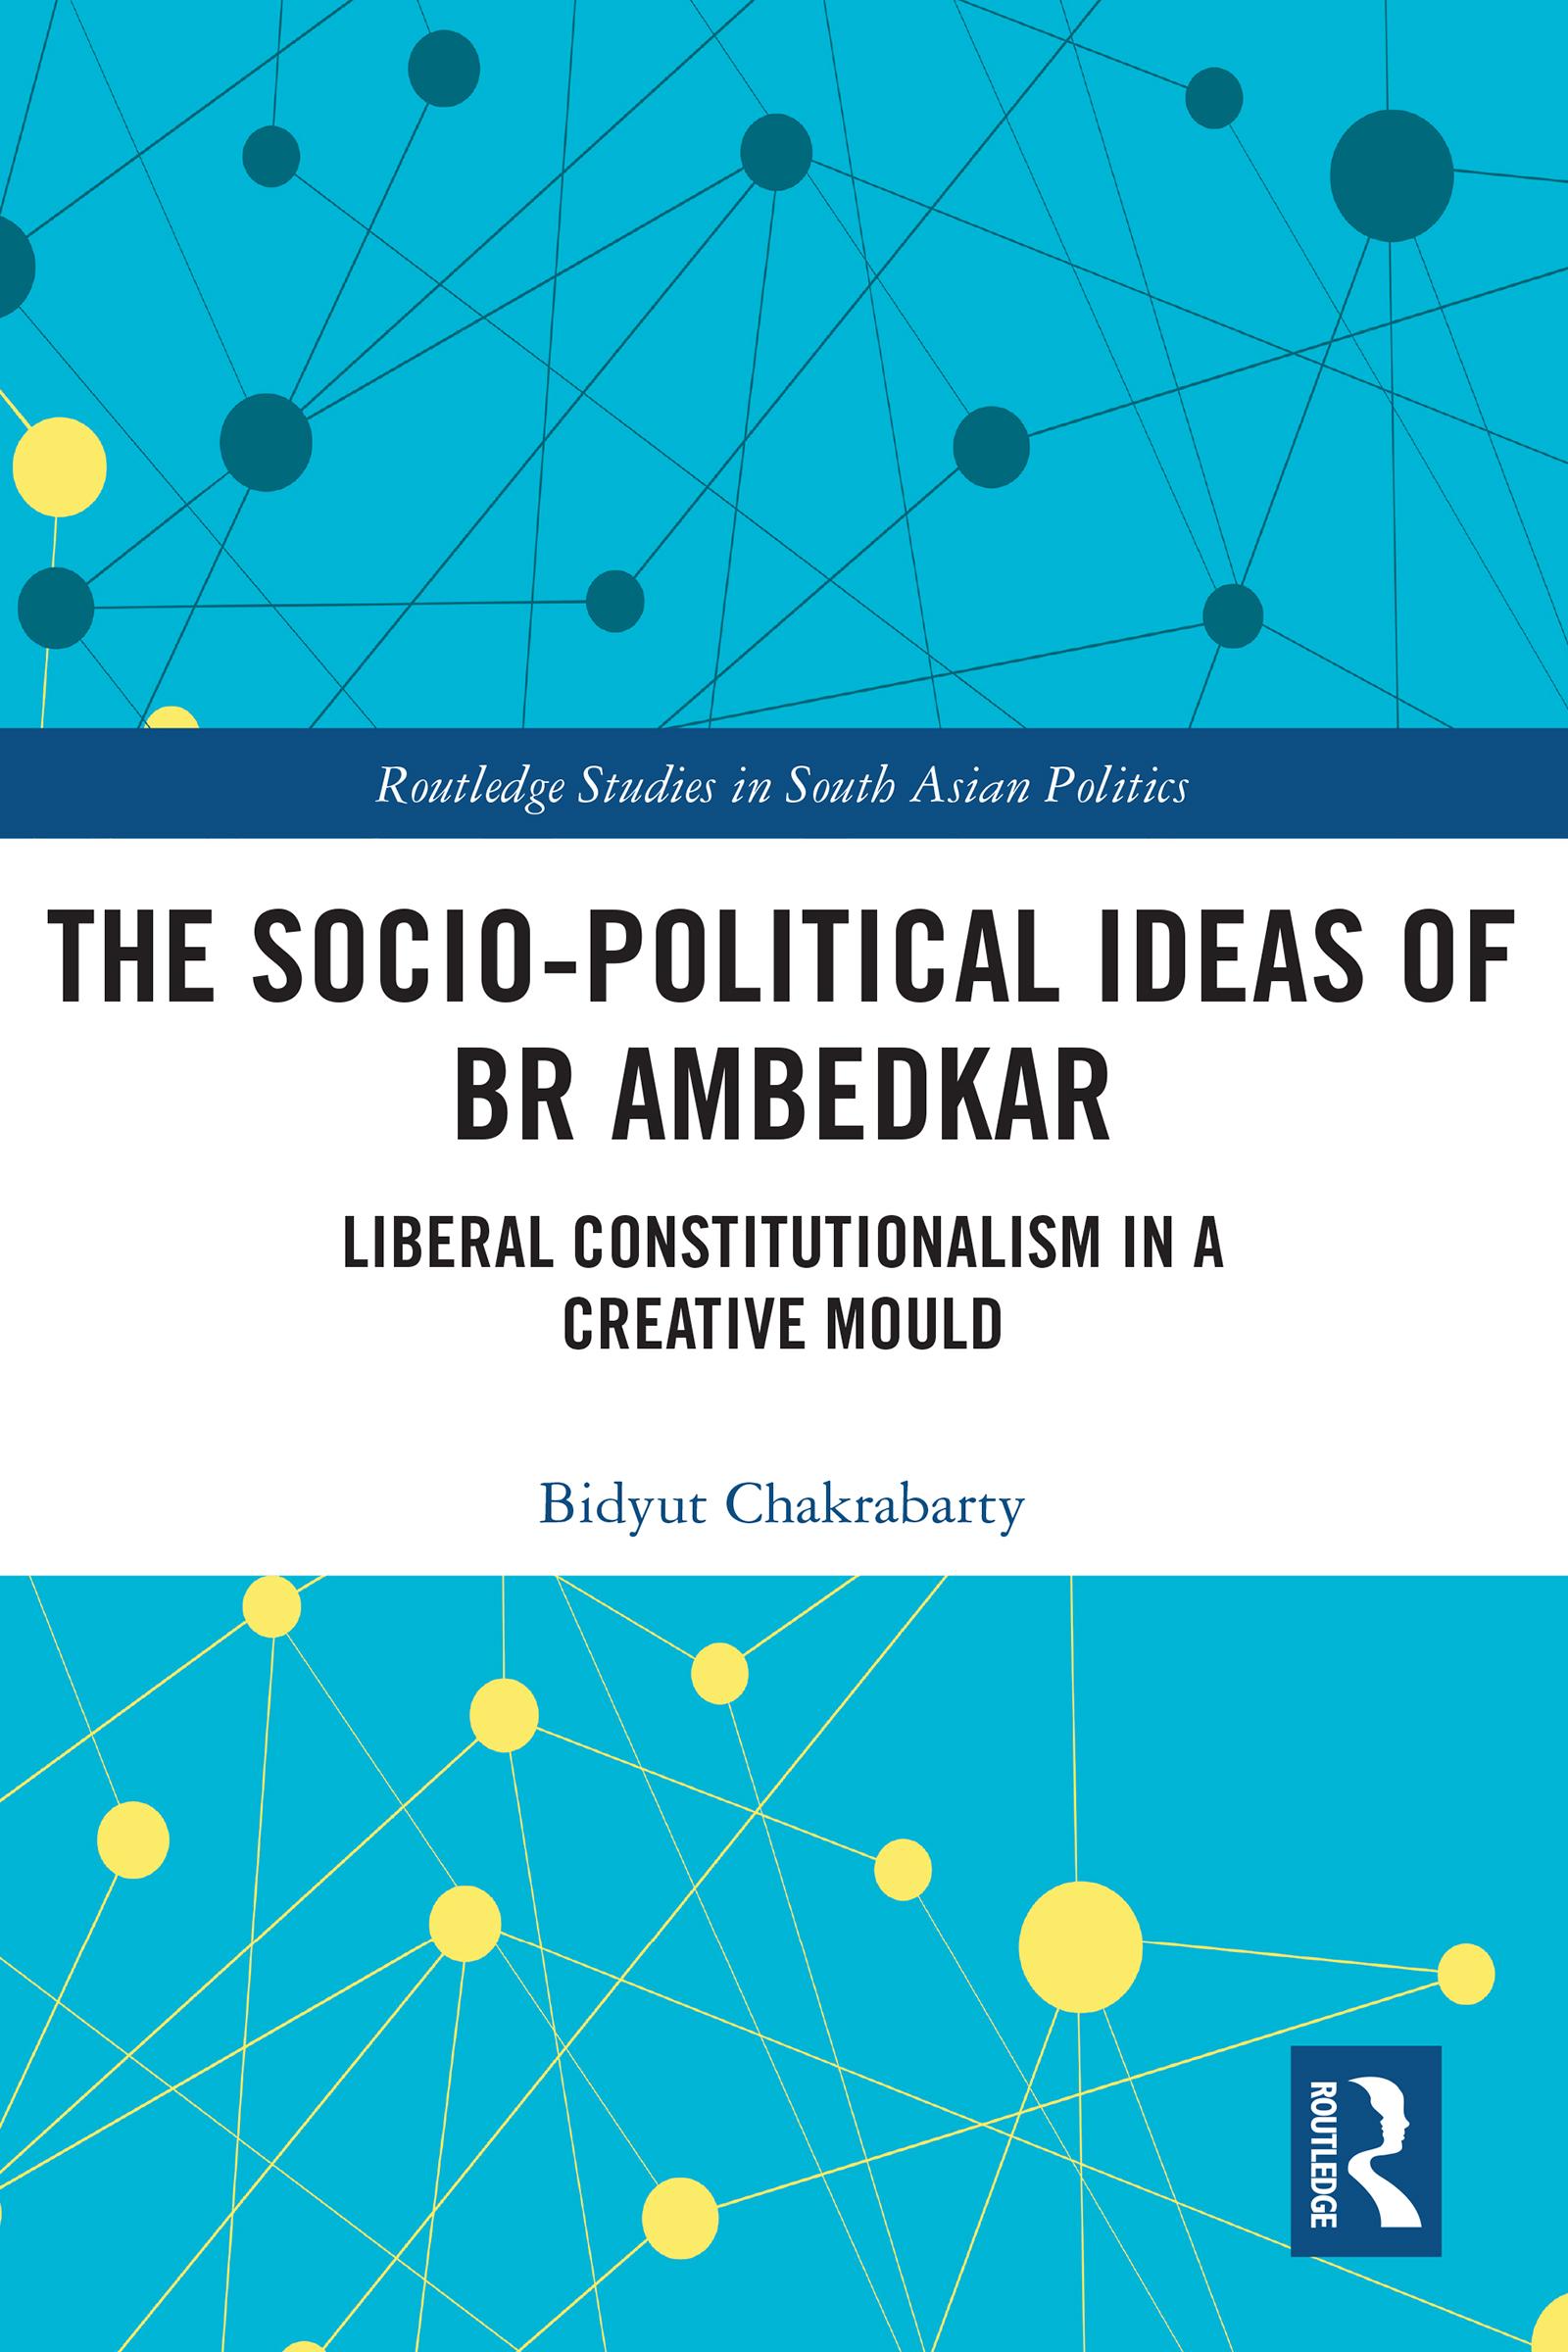 The Socio-political Ideas of BR Ambedkar